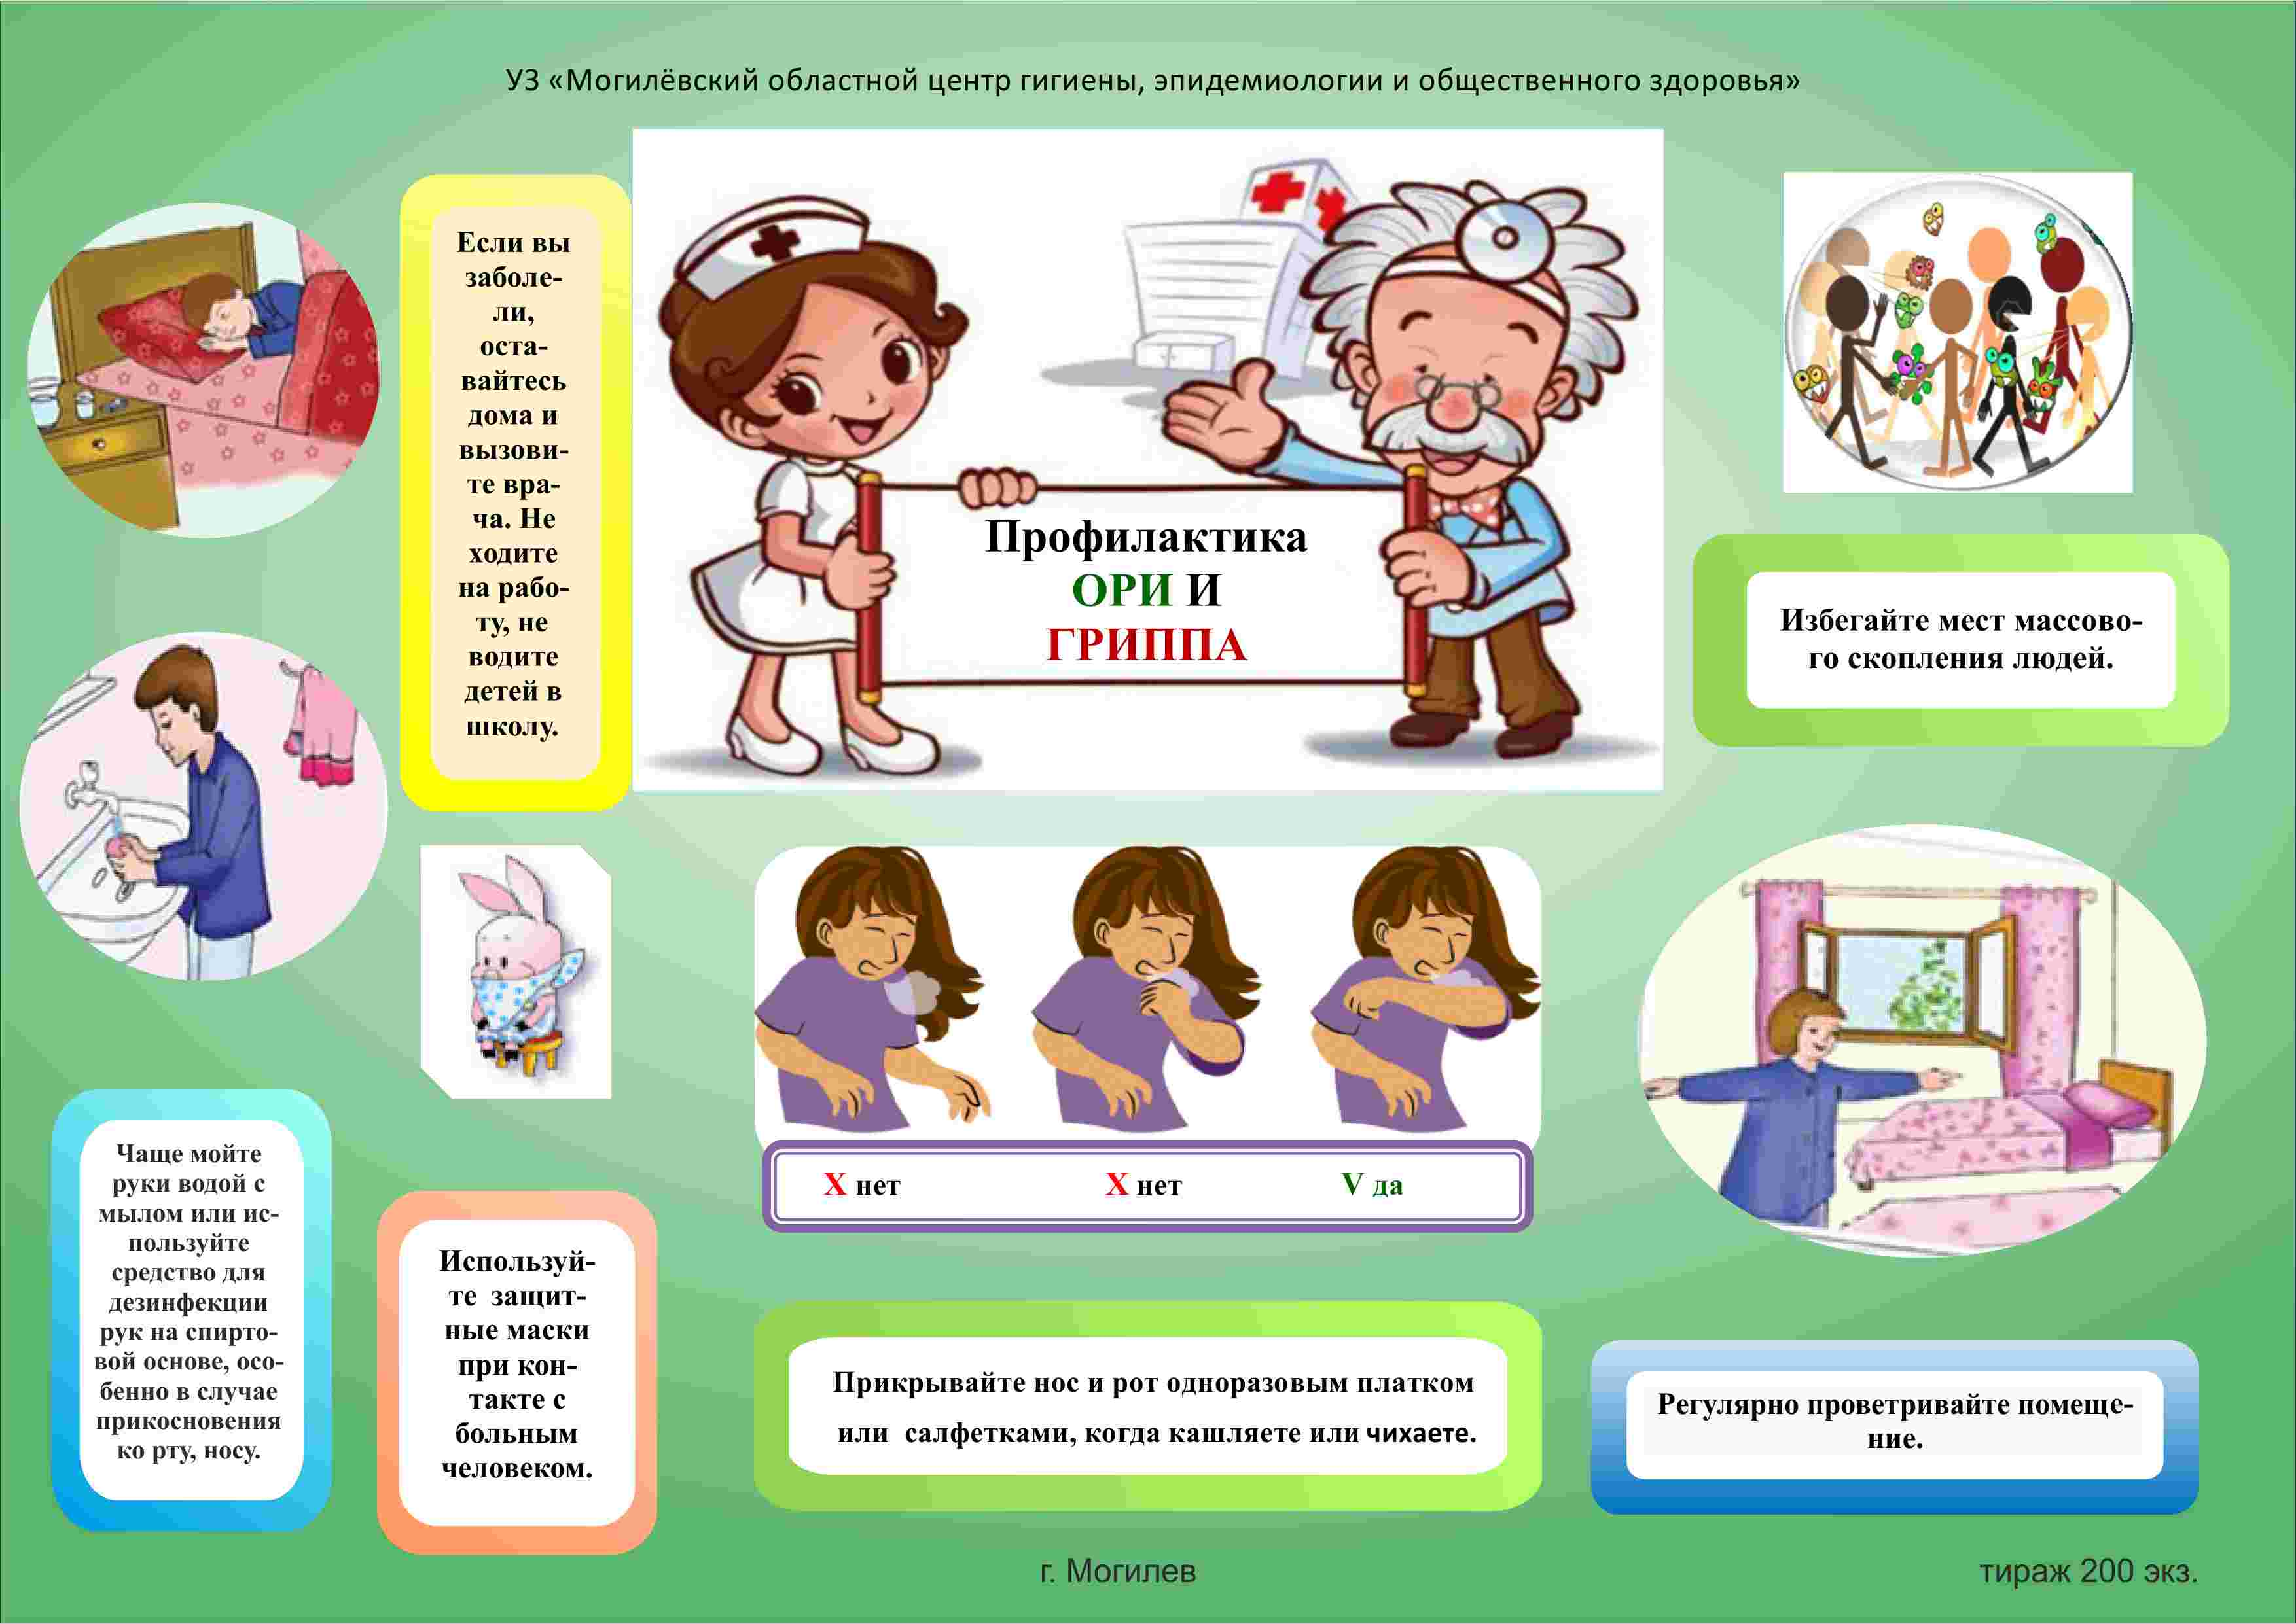 Профилактика ОРИ и гриппа